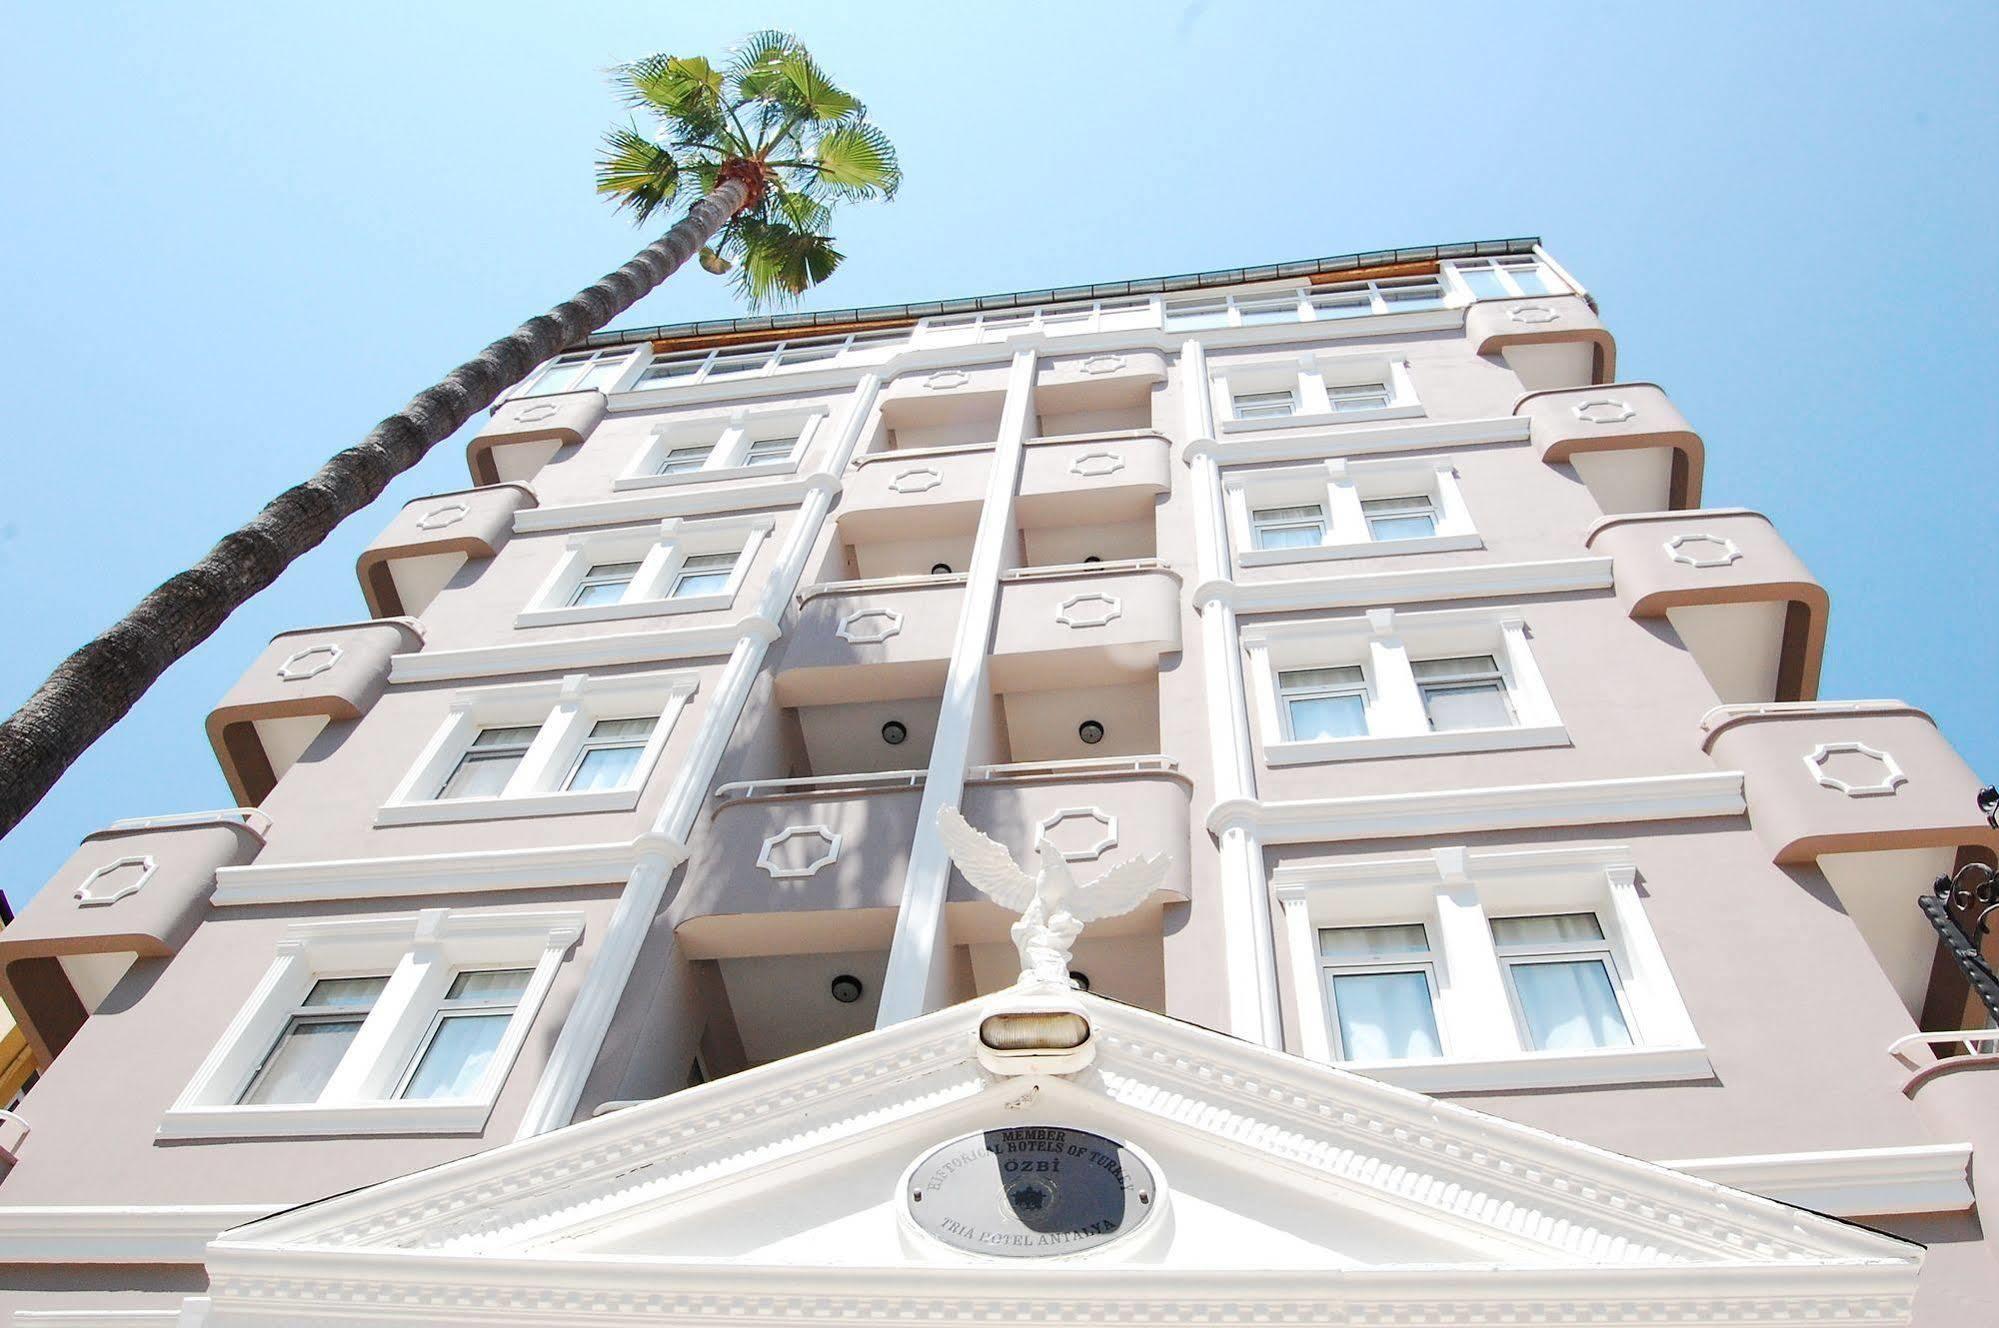 Triana Hotel Antalya intérieur Piscine Bonneveine